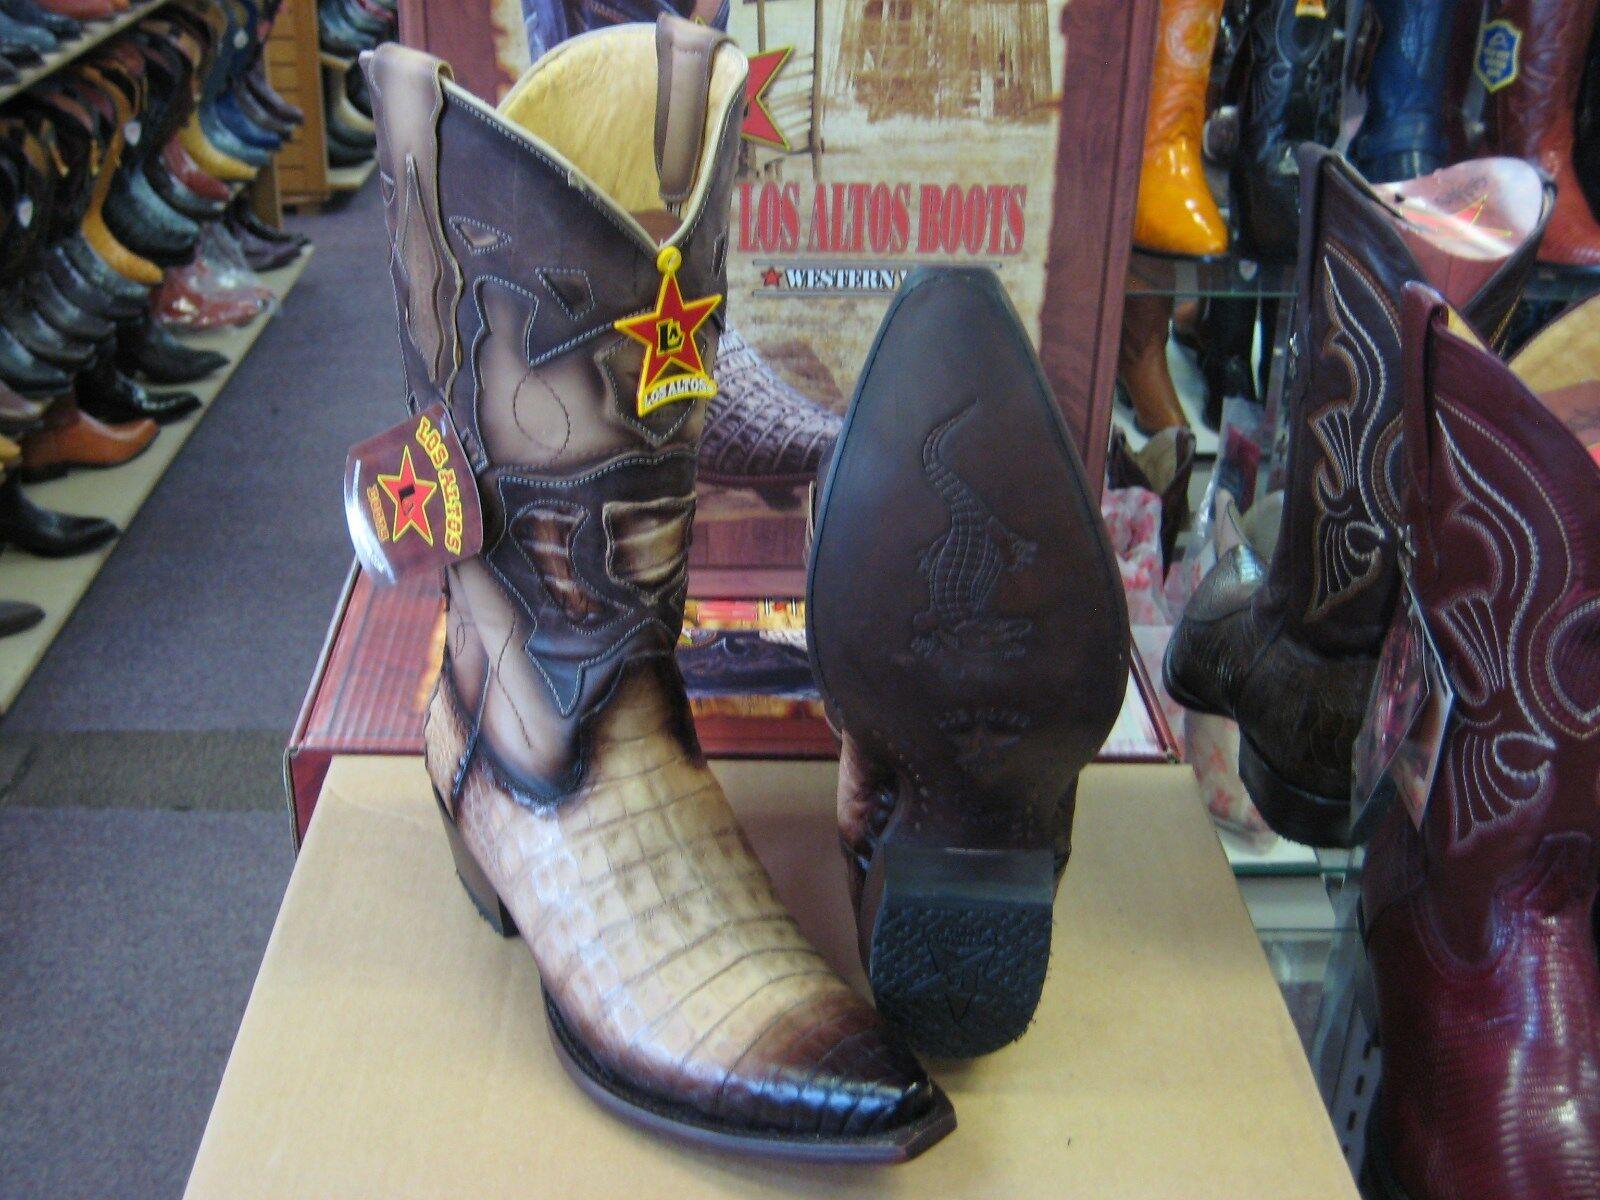 LOS ALTOS Beige Original Bota Puntera Cocodrilo Western Cowboy Snip (Extra Grande +) 928215